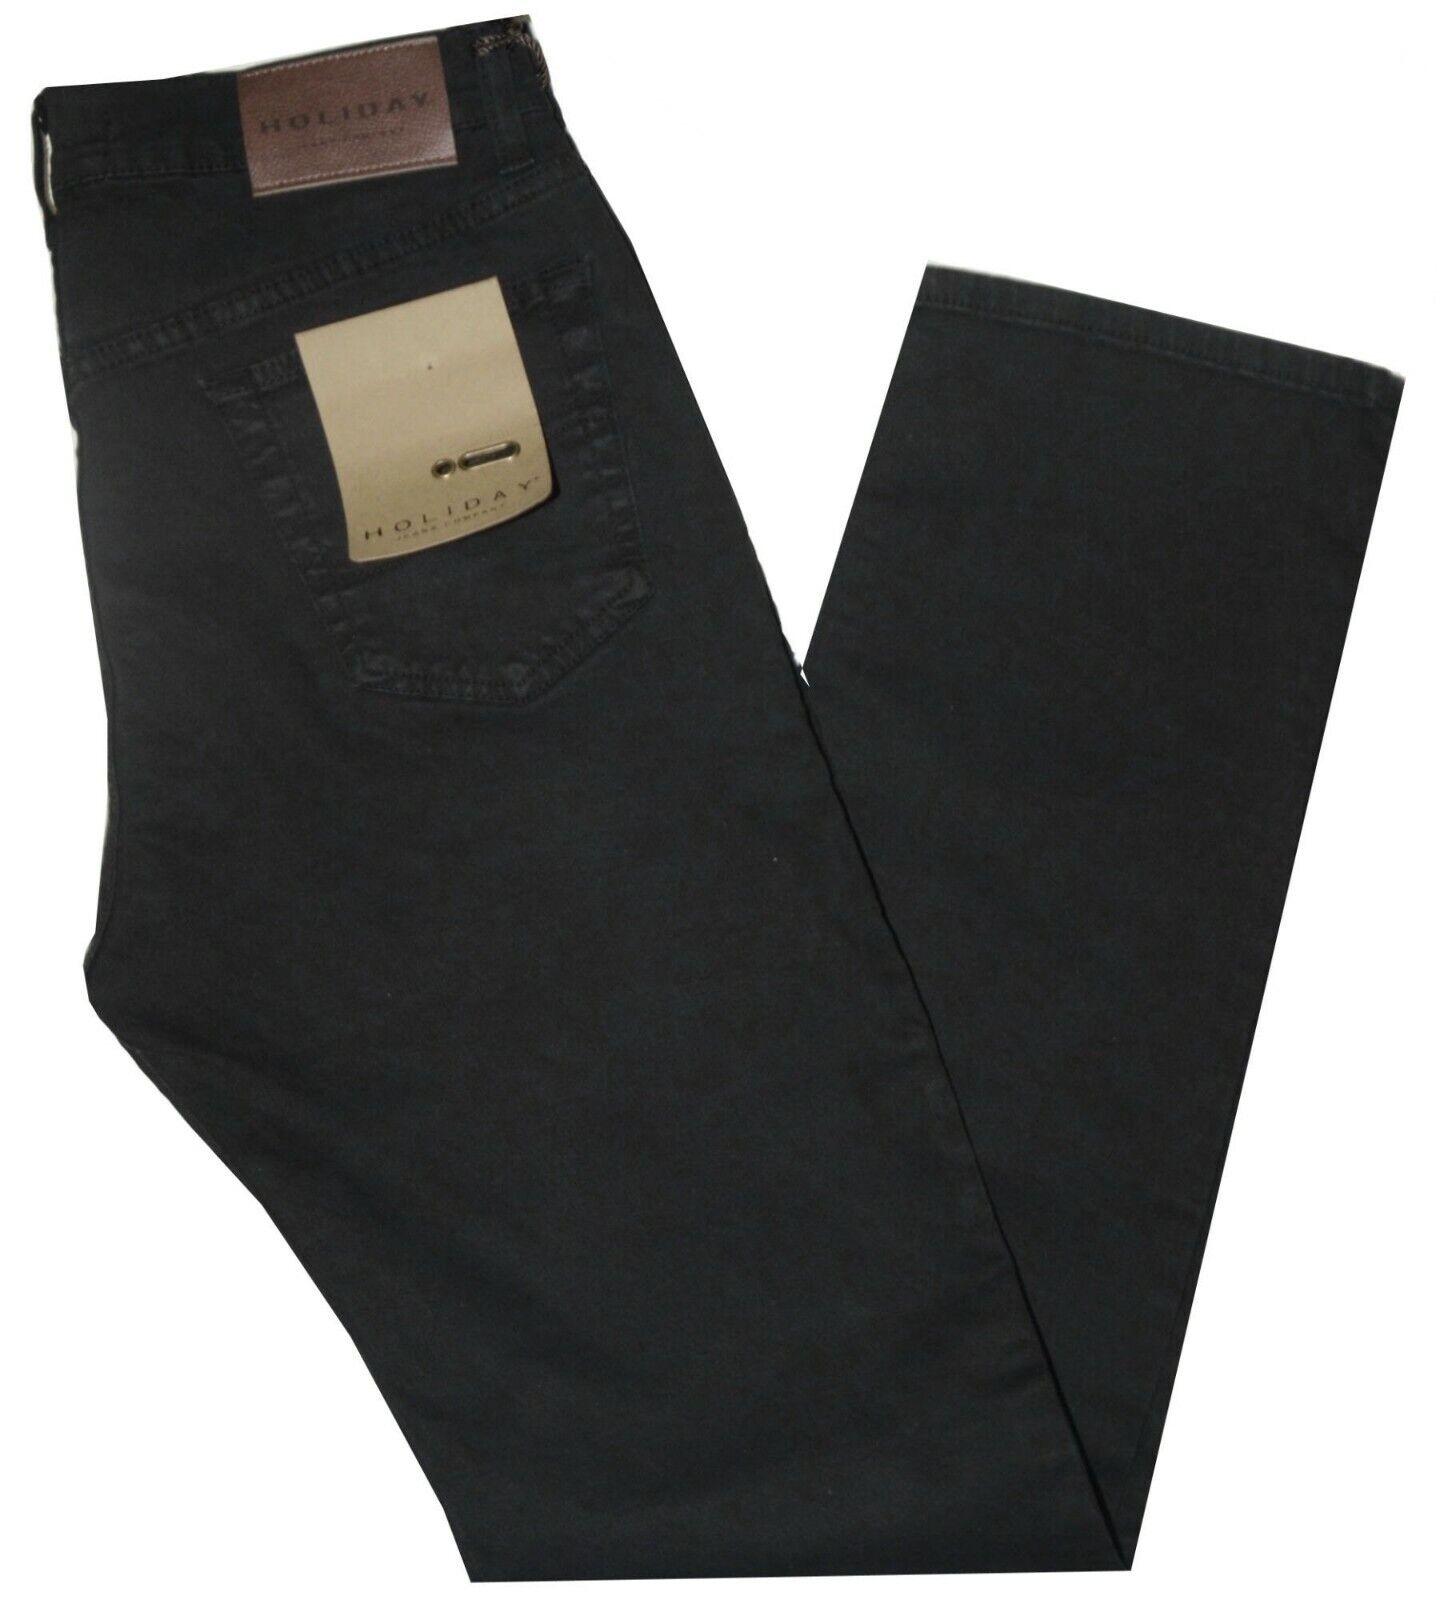 Jeans uomo cotone taglie forti dalla 57 alla 75 pantalone elasticizzato leggero